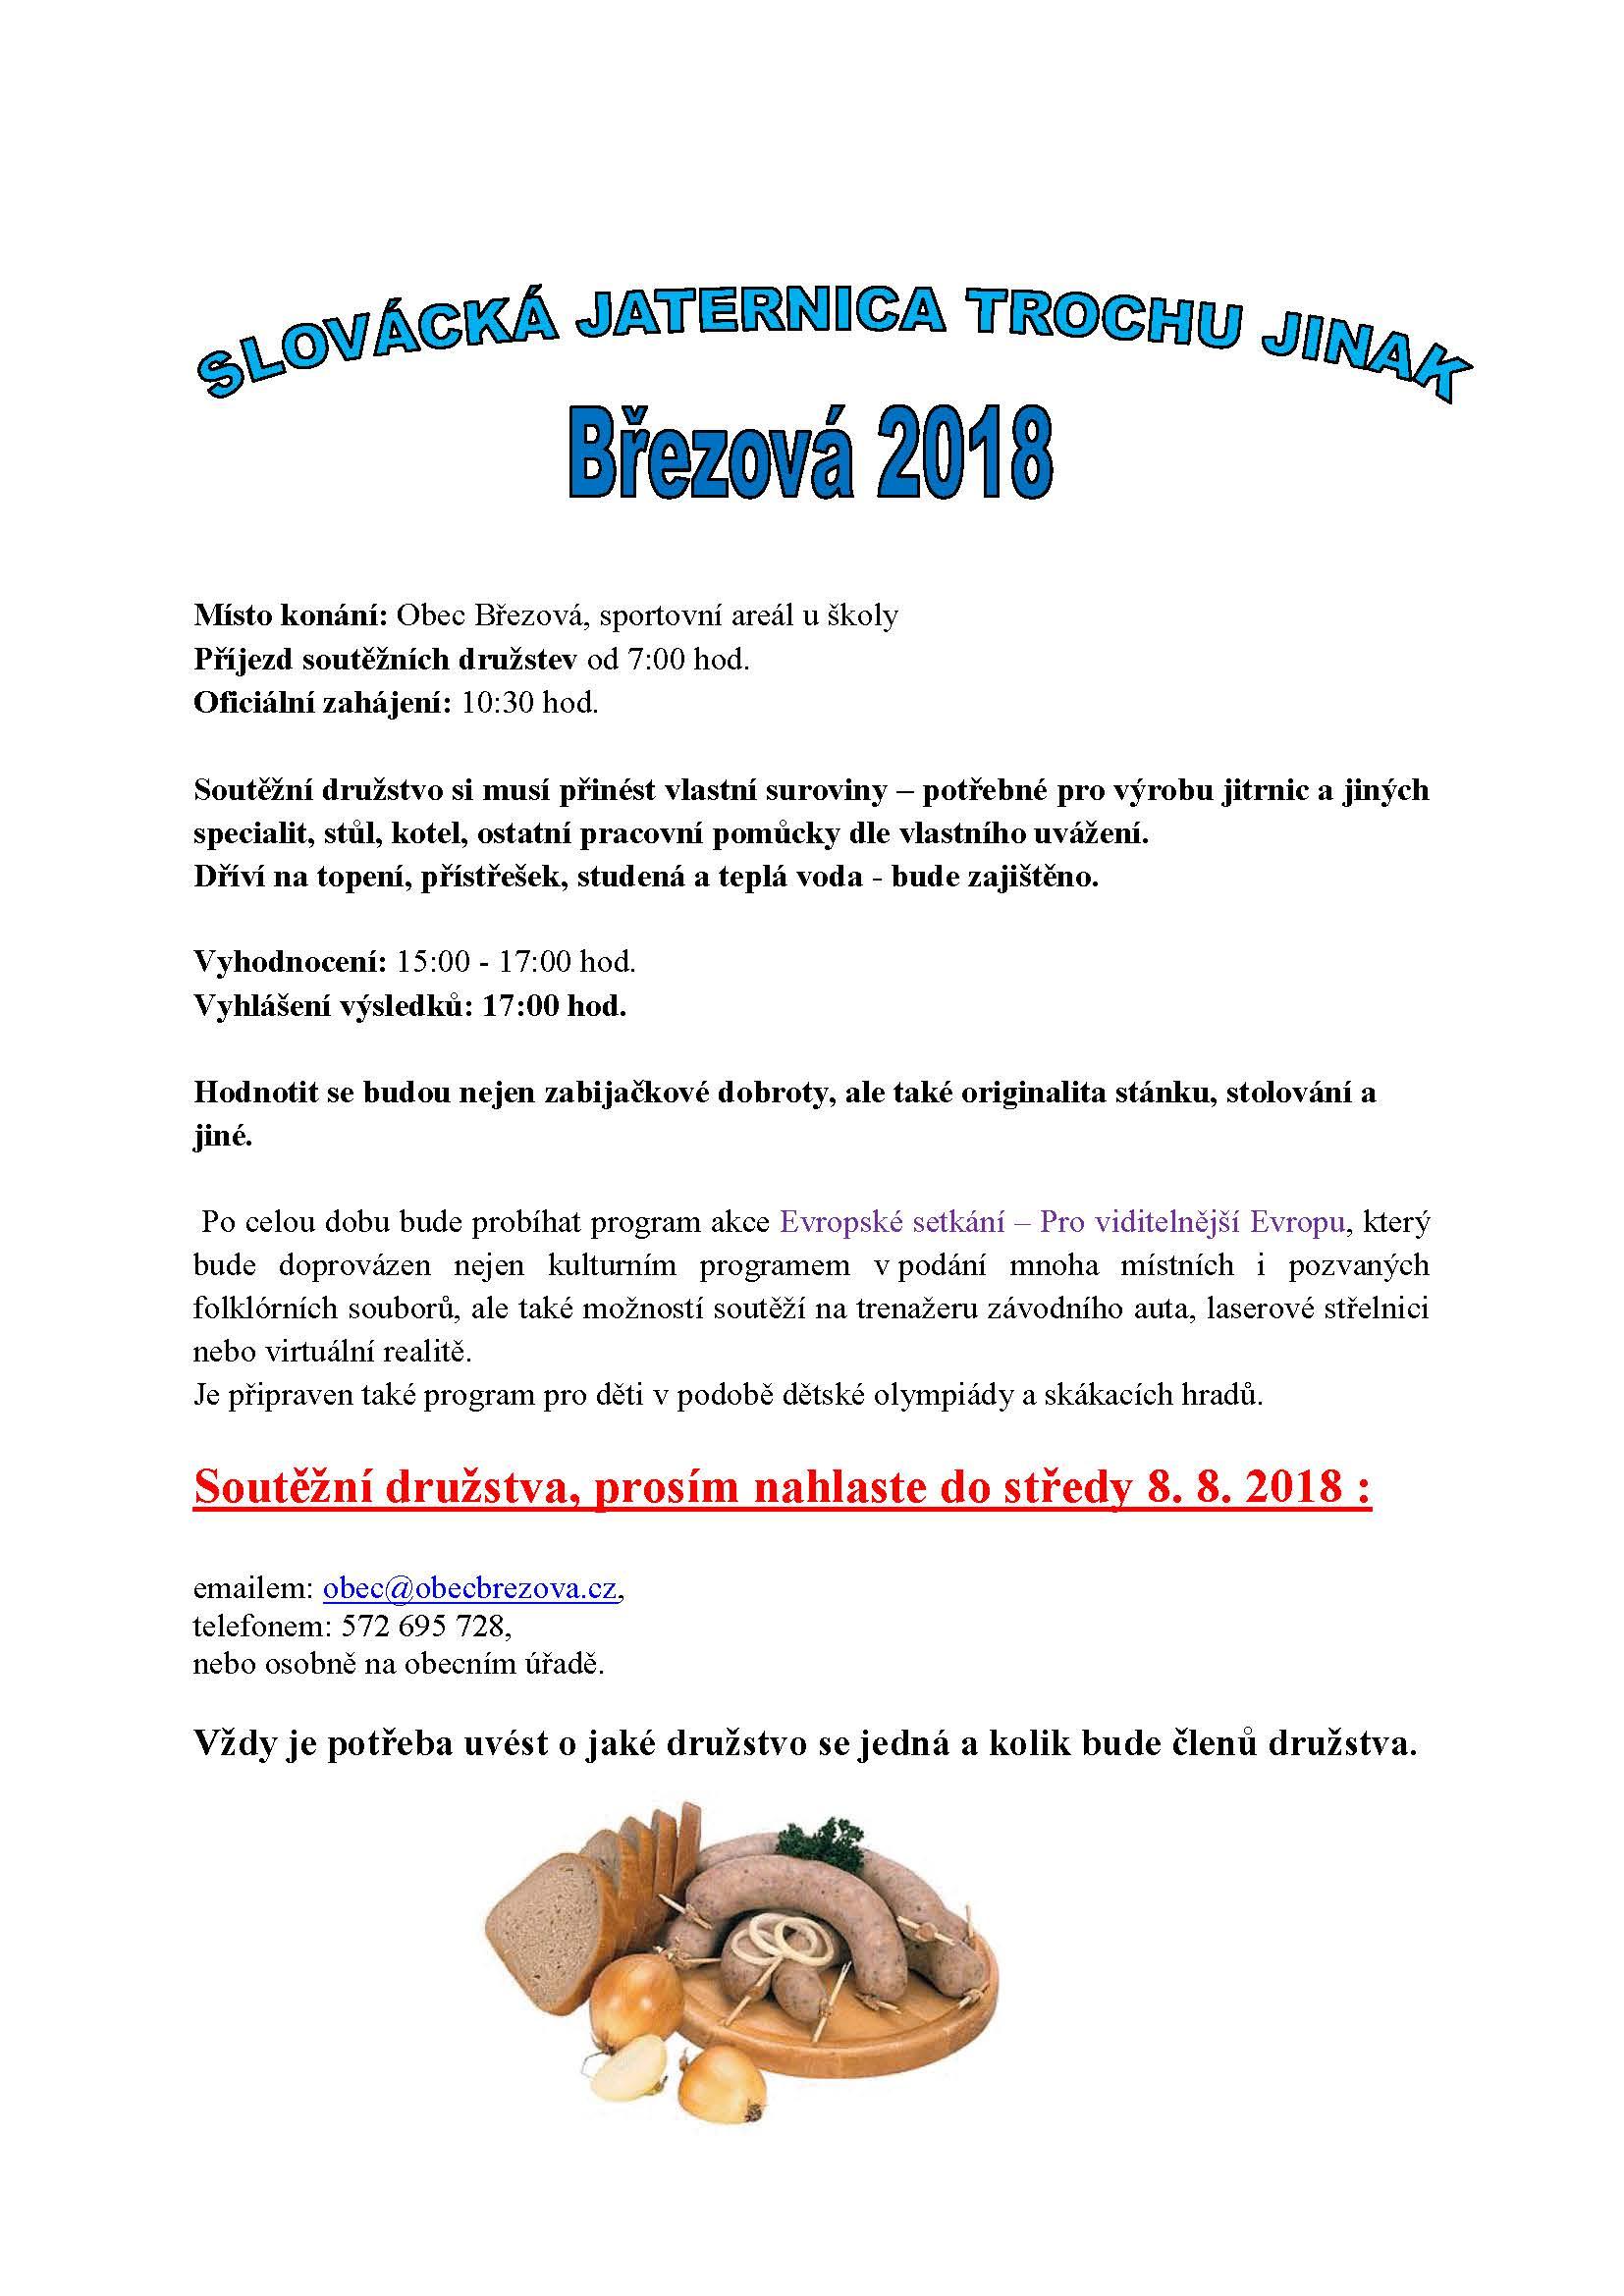 Slovácká jaternica 2018